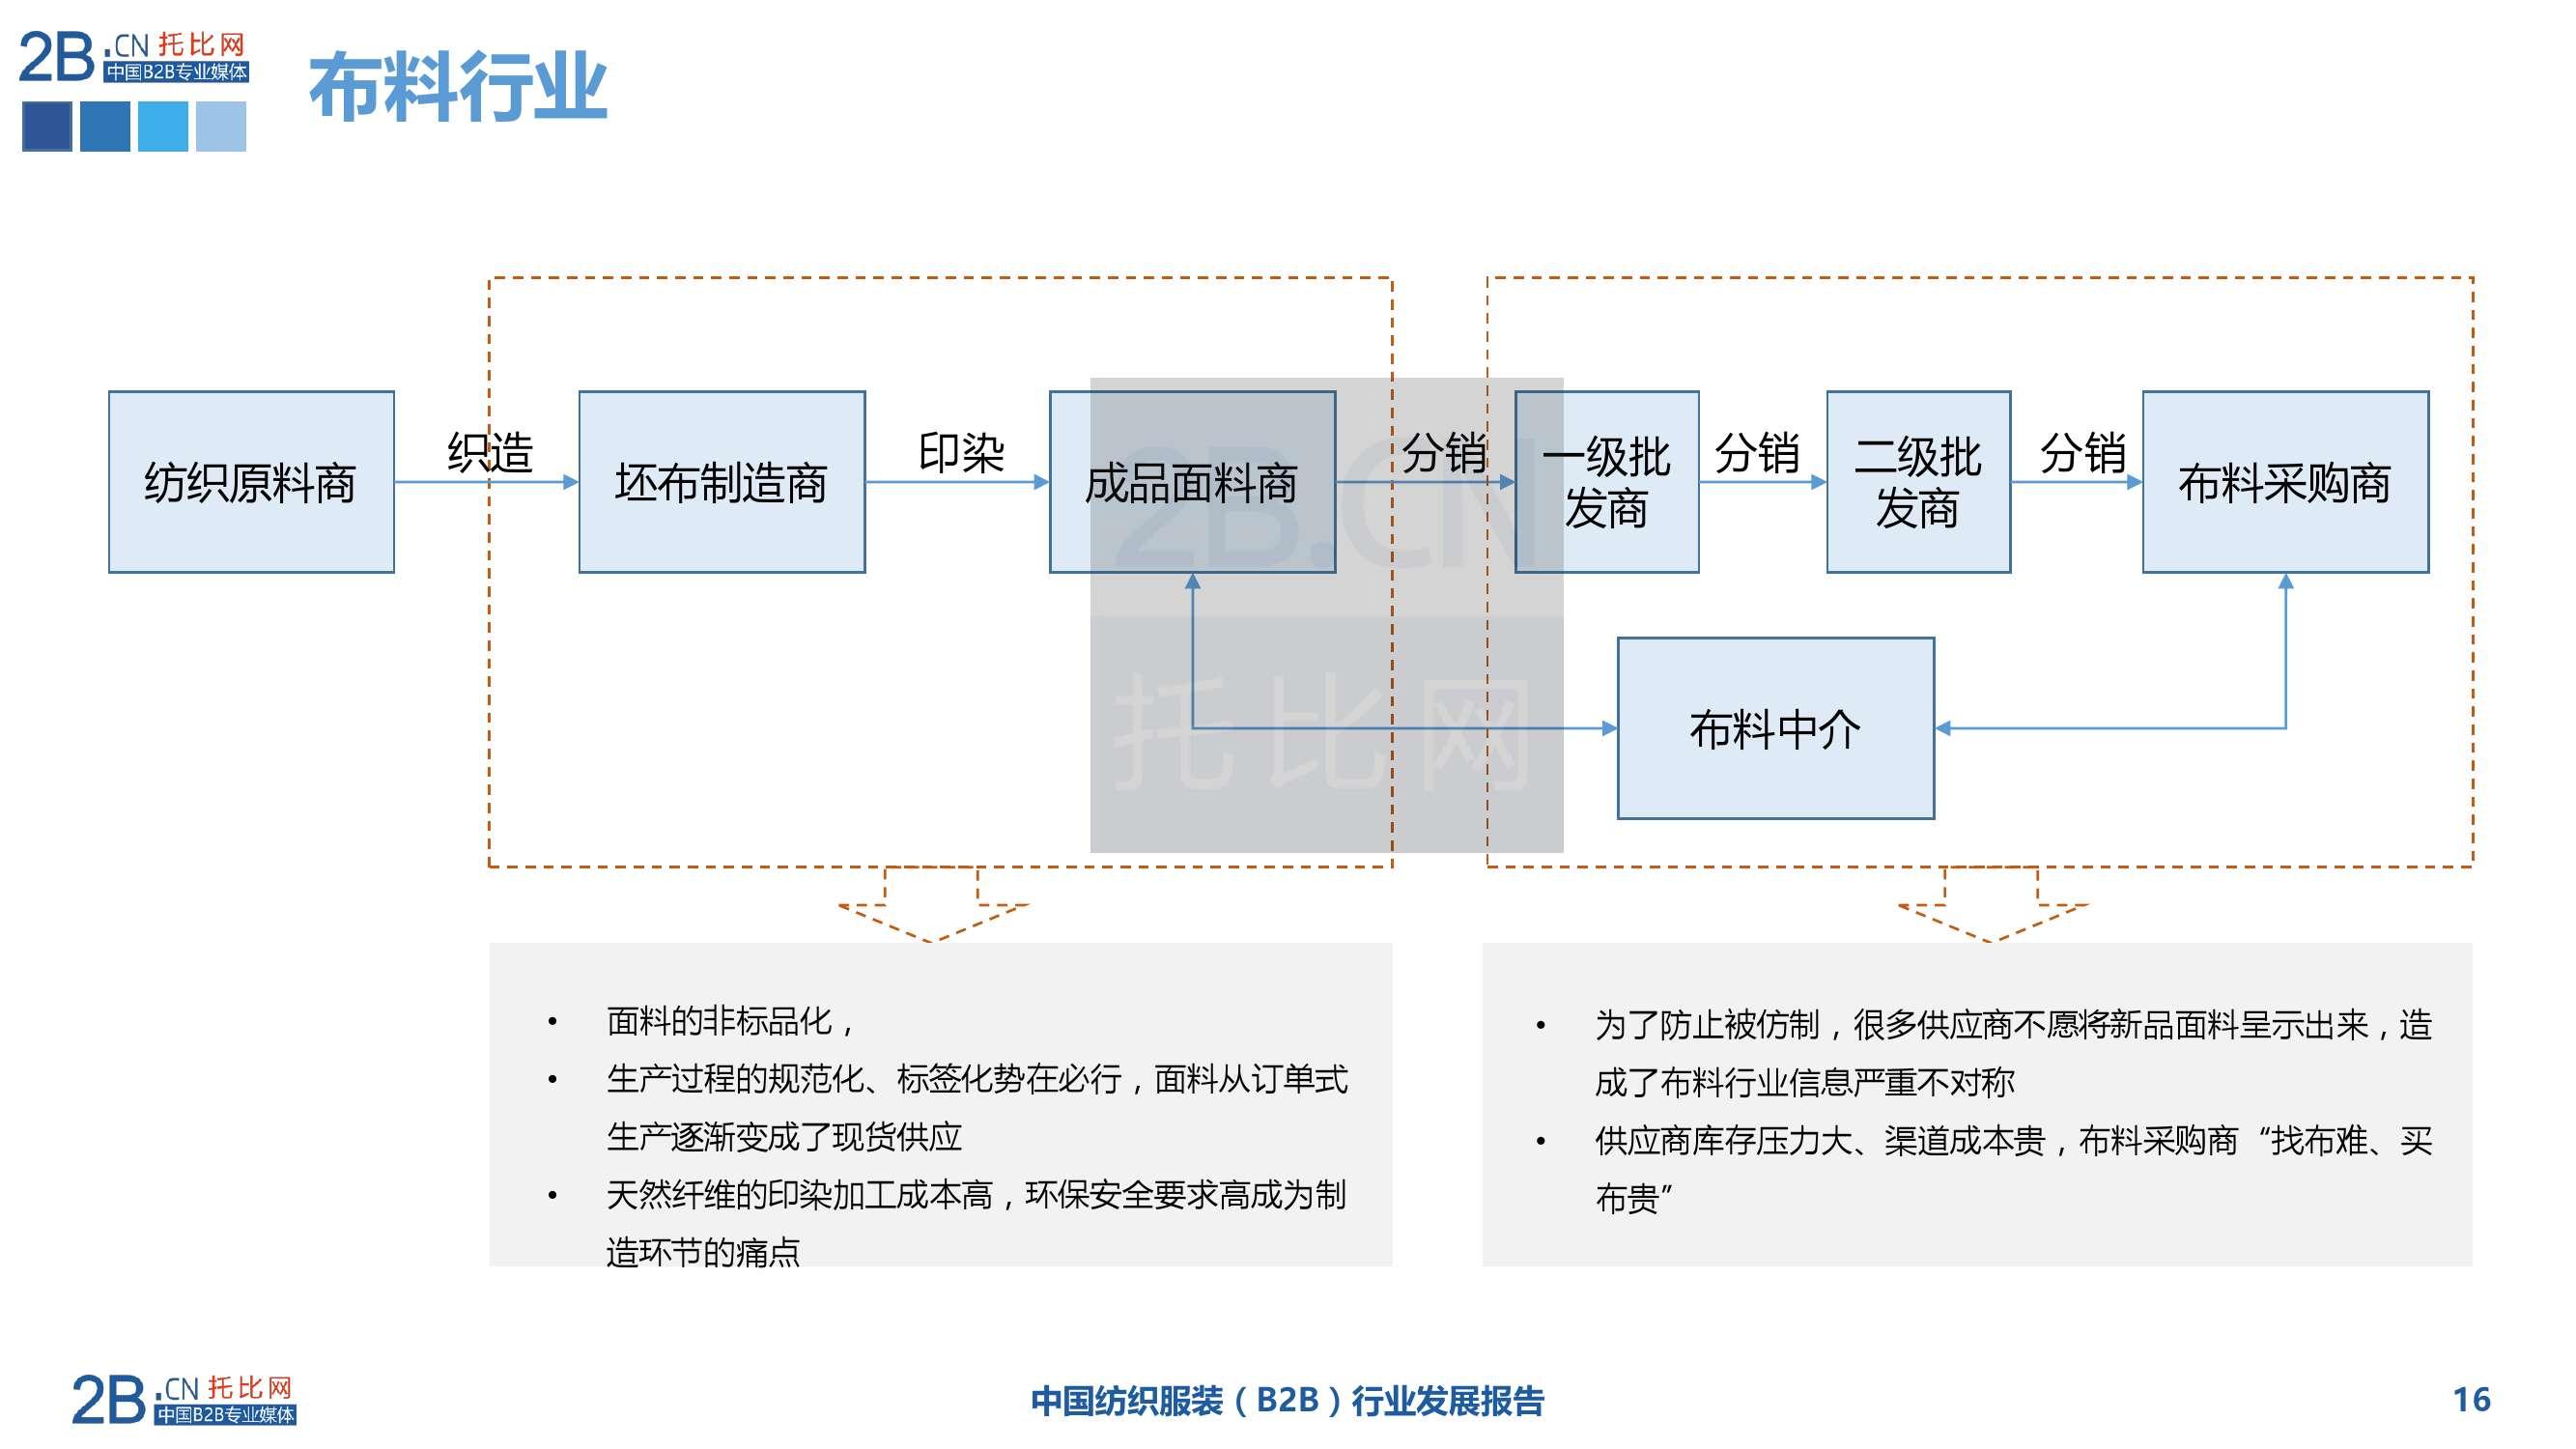 2015年中国纺织服装B2B行业发展报告_000016